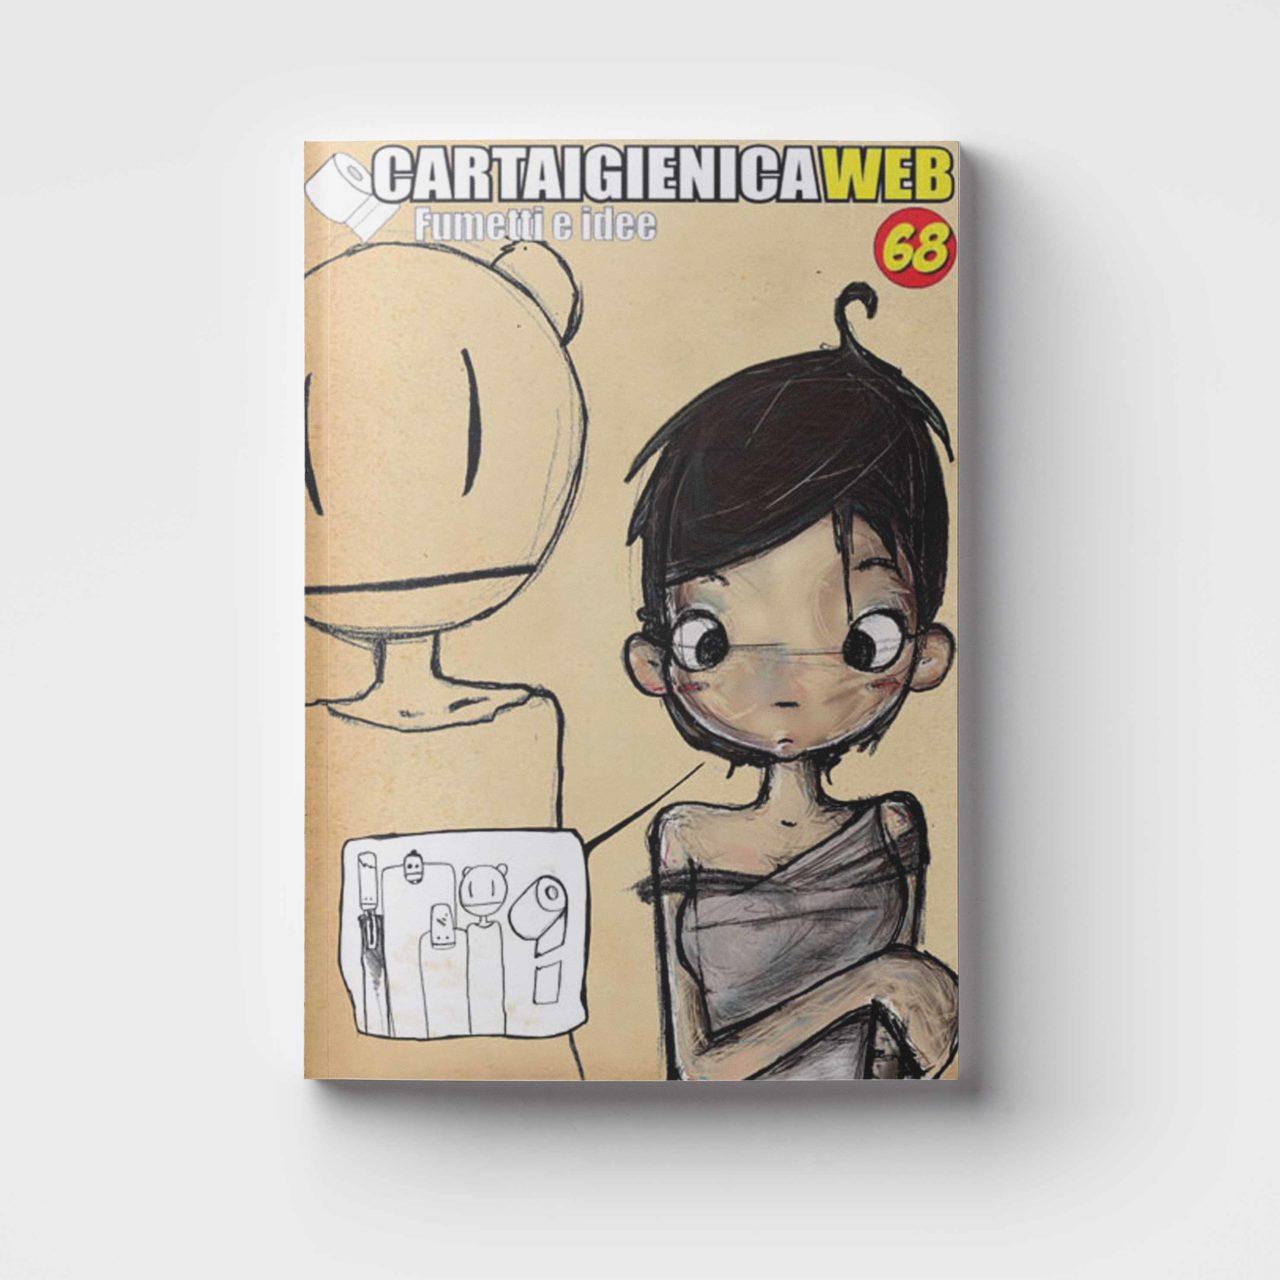 illustrazione editoriale per la copertina di Cartaigienica Web